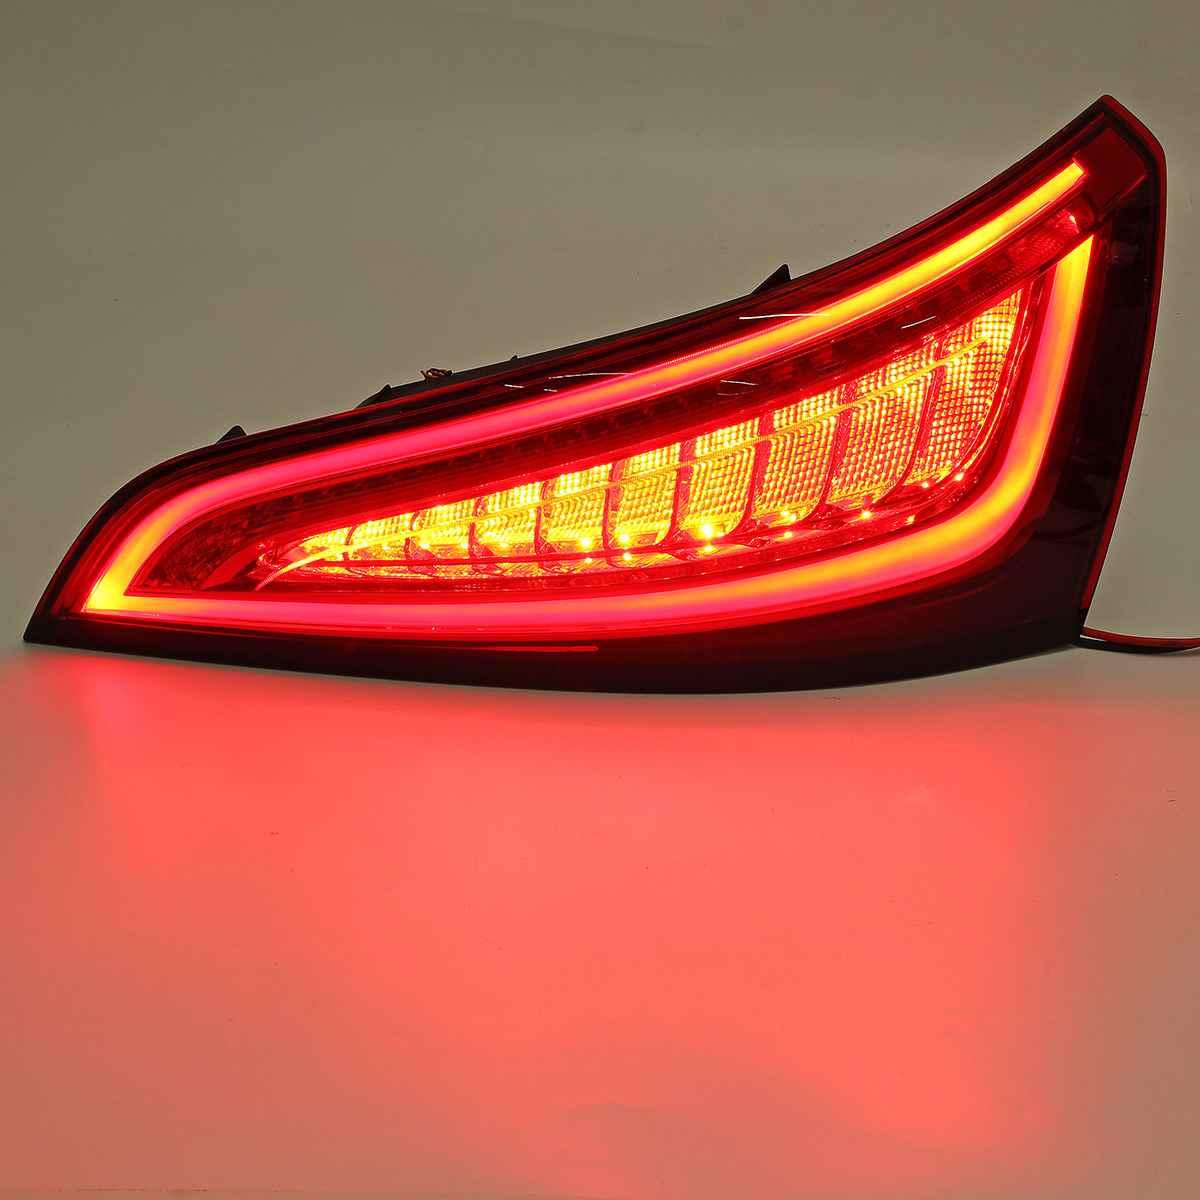 Paire feu arrière LED feu clignotant feu de frein arrière feu arrière pour Audi Q5 2009 2010 2011 2012 2013 2014 2015